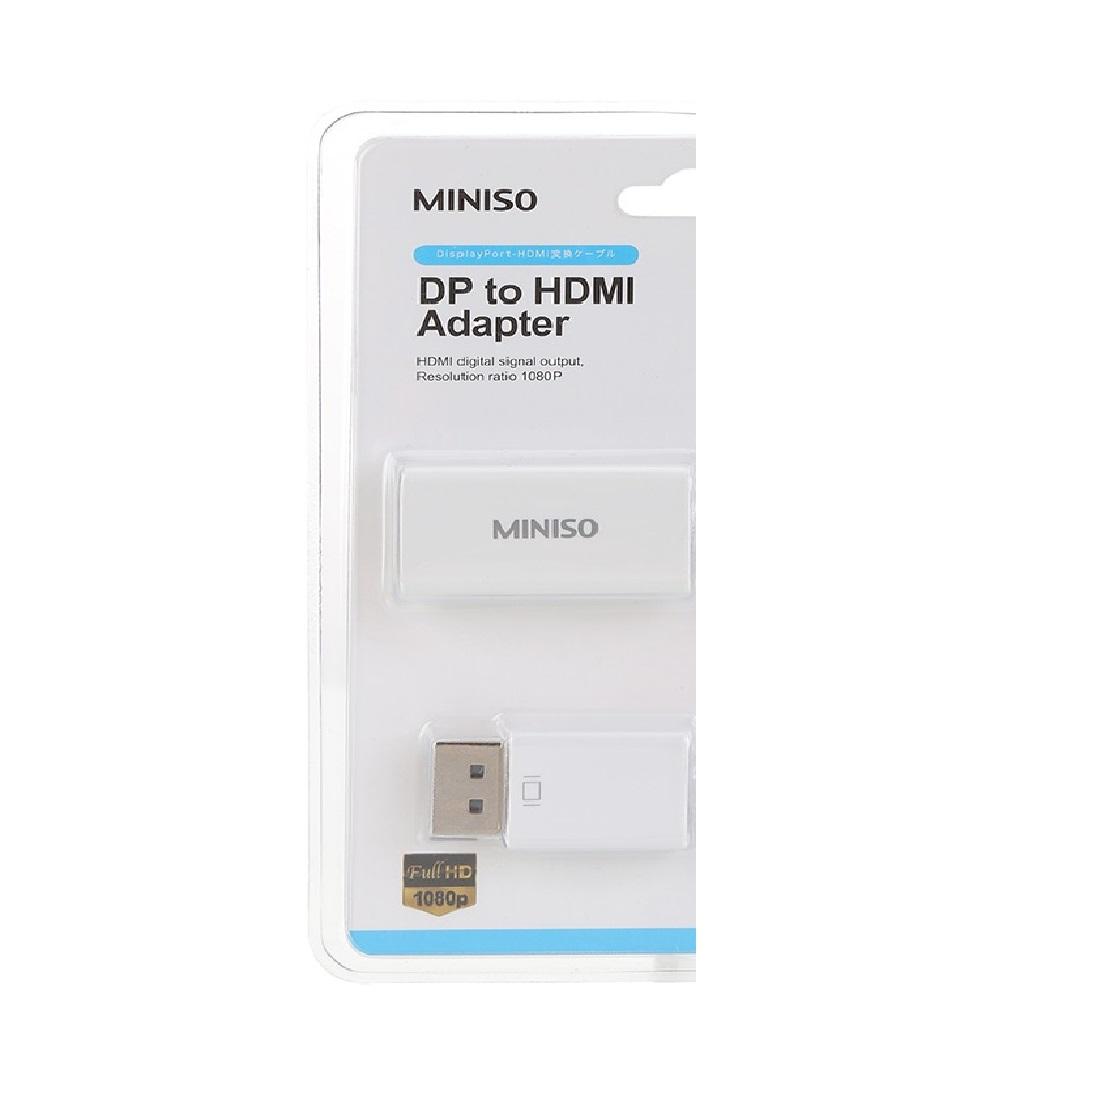 Cáp chuyển DP sang HDMI Miniso - Hàng chính hãng